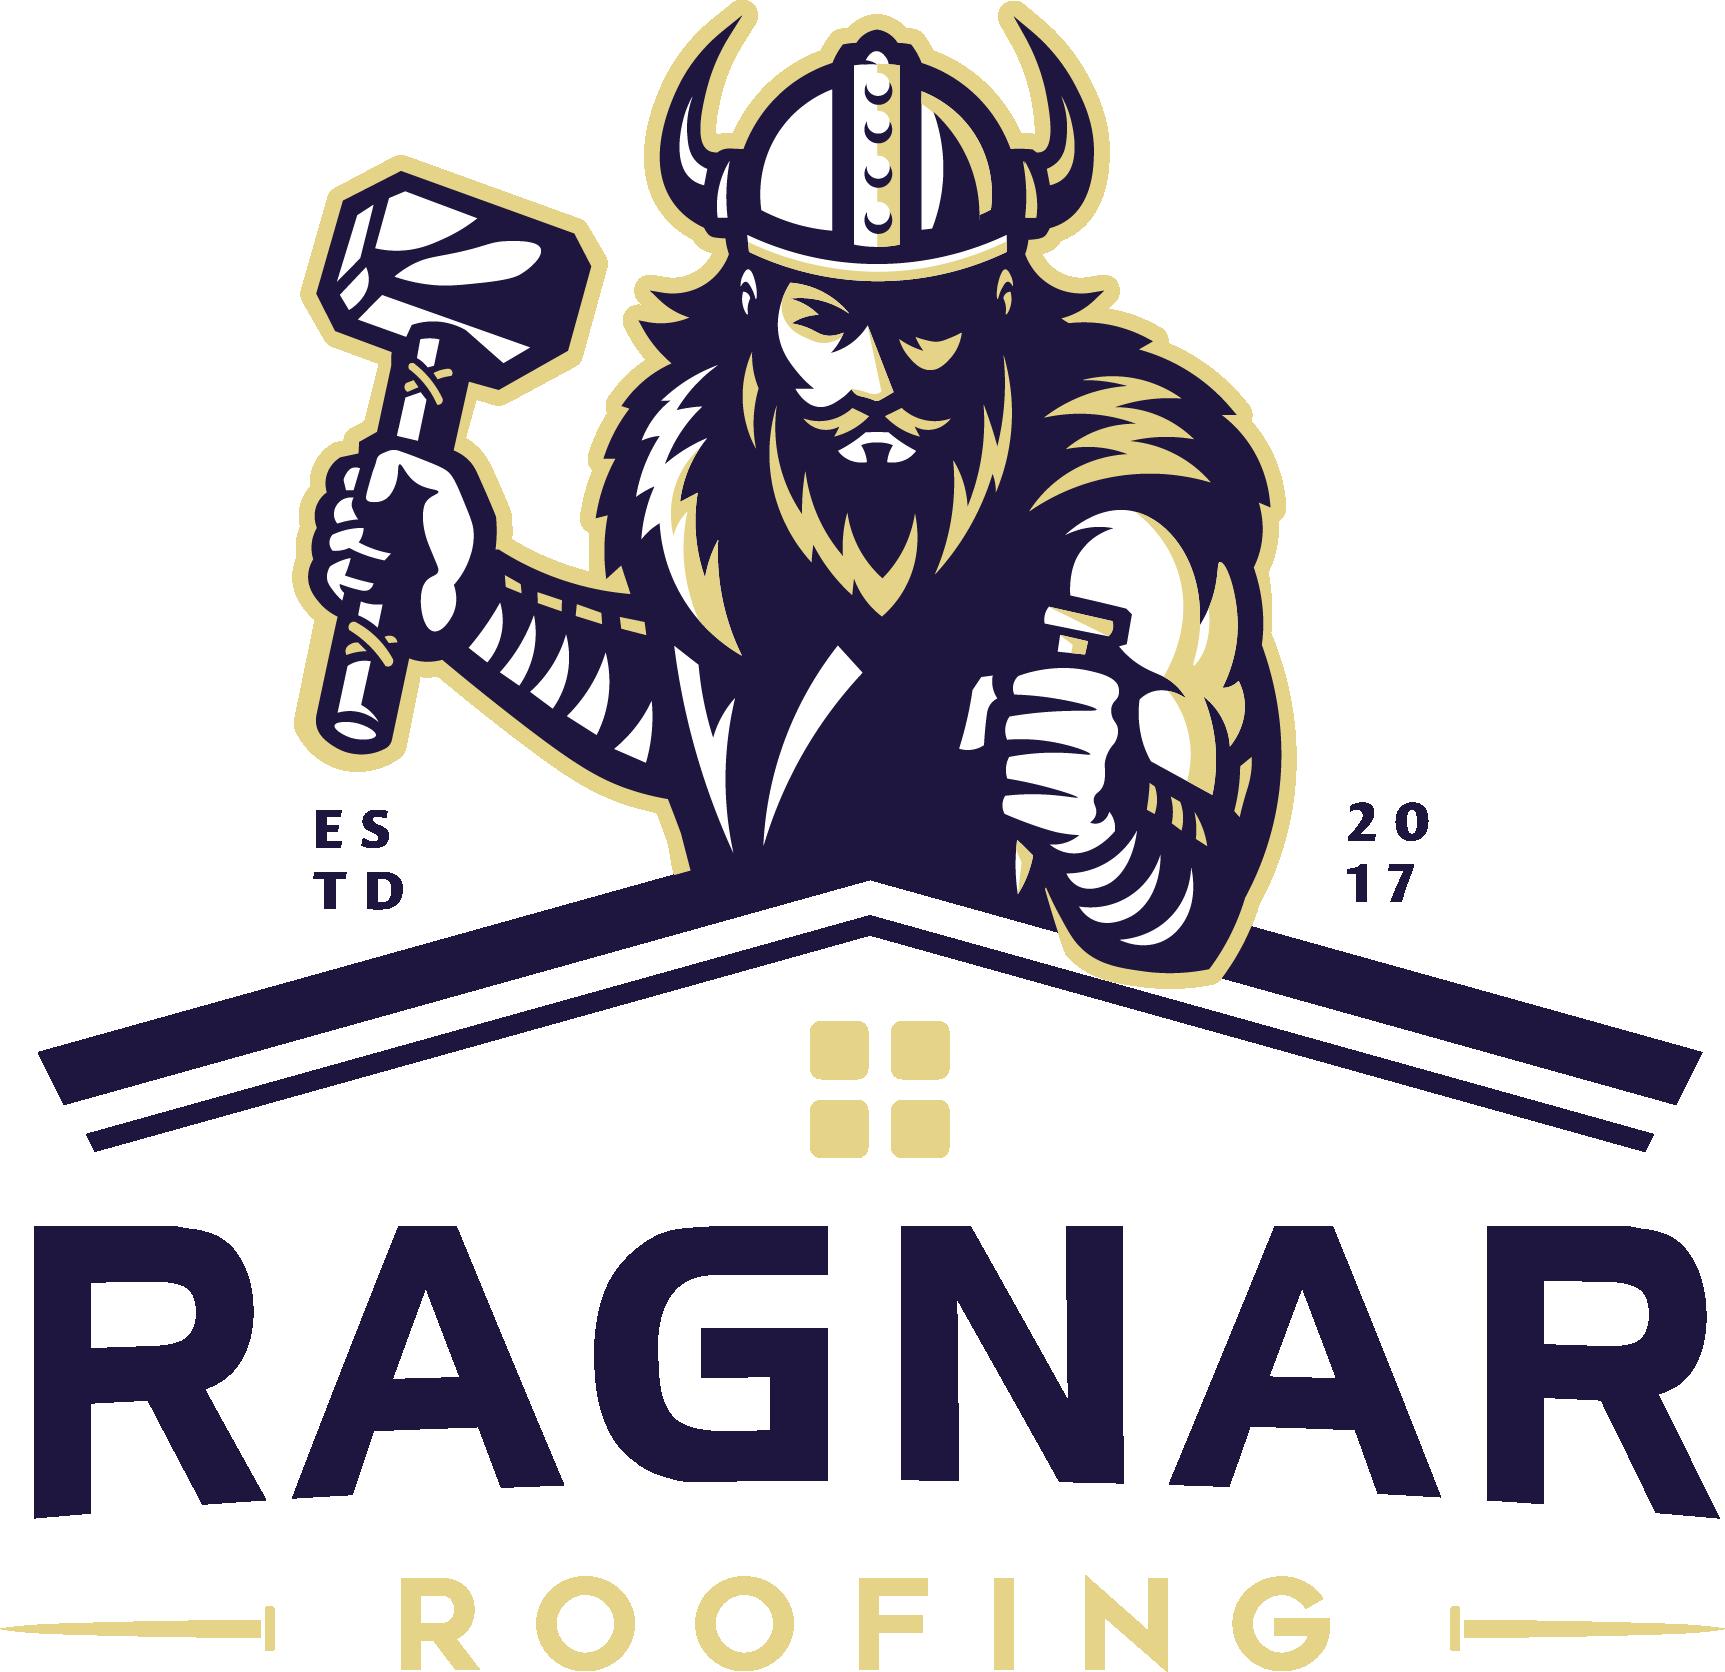 Ragnar Roofing - Brutal elegance and luxury